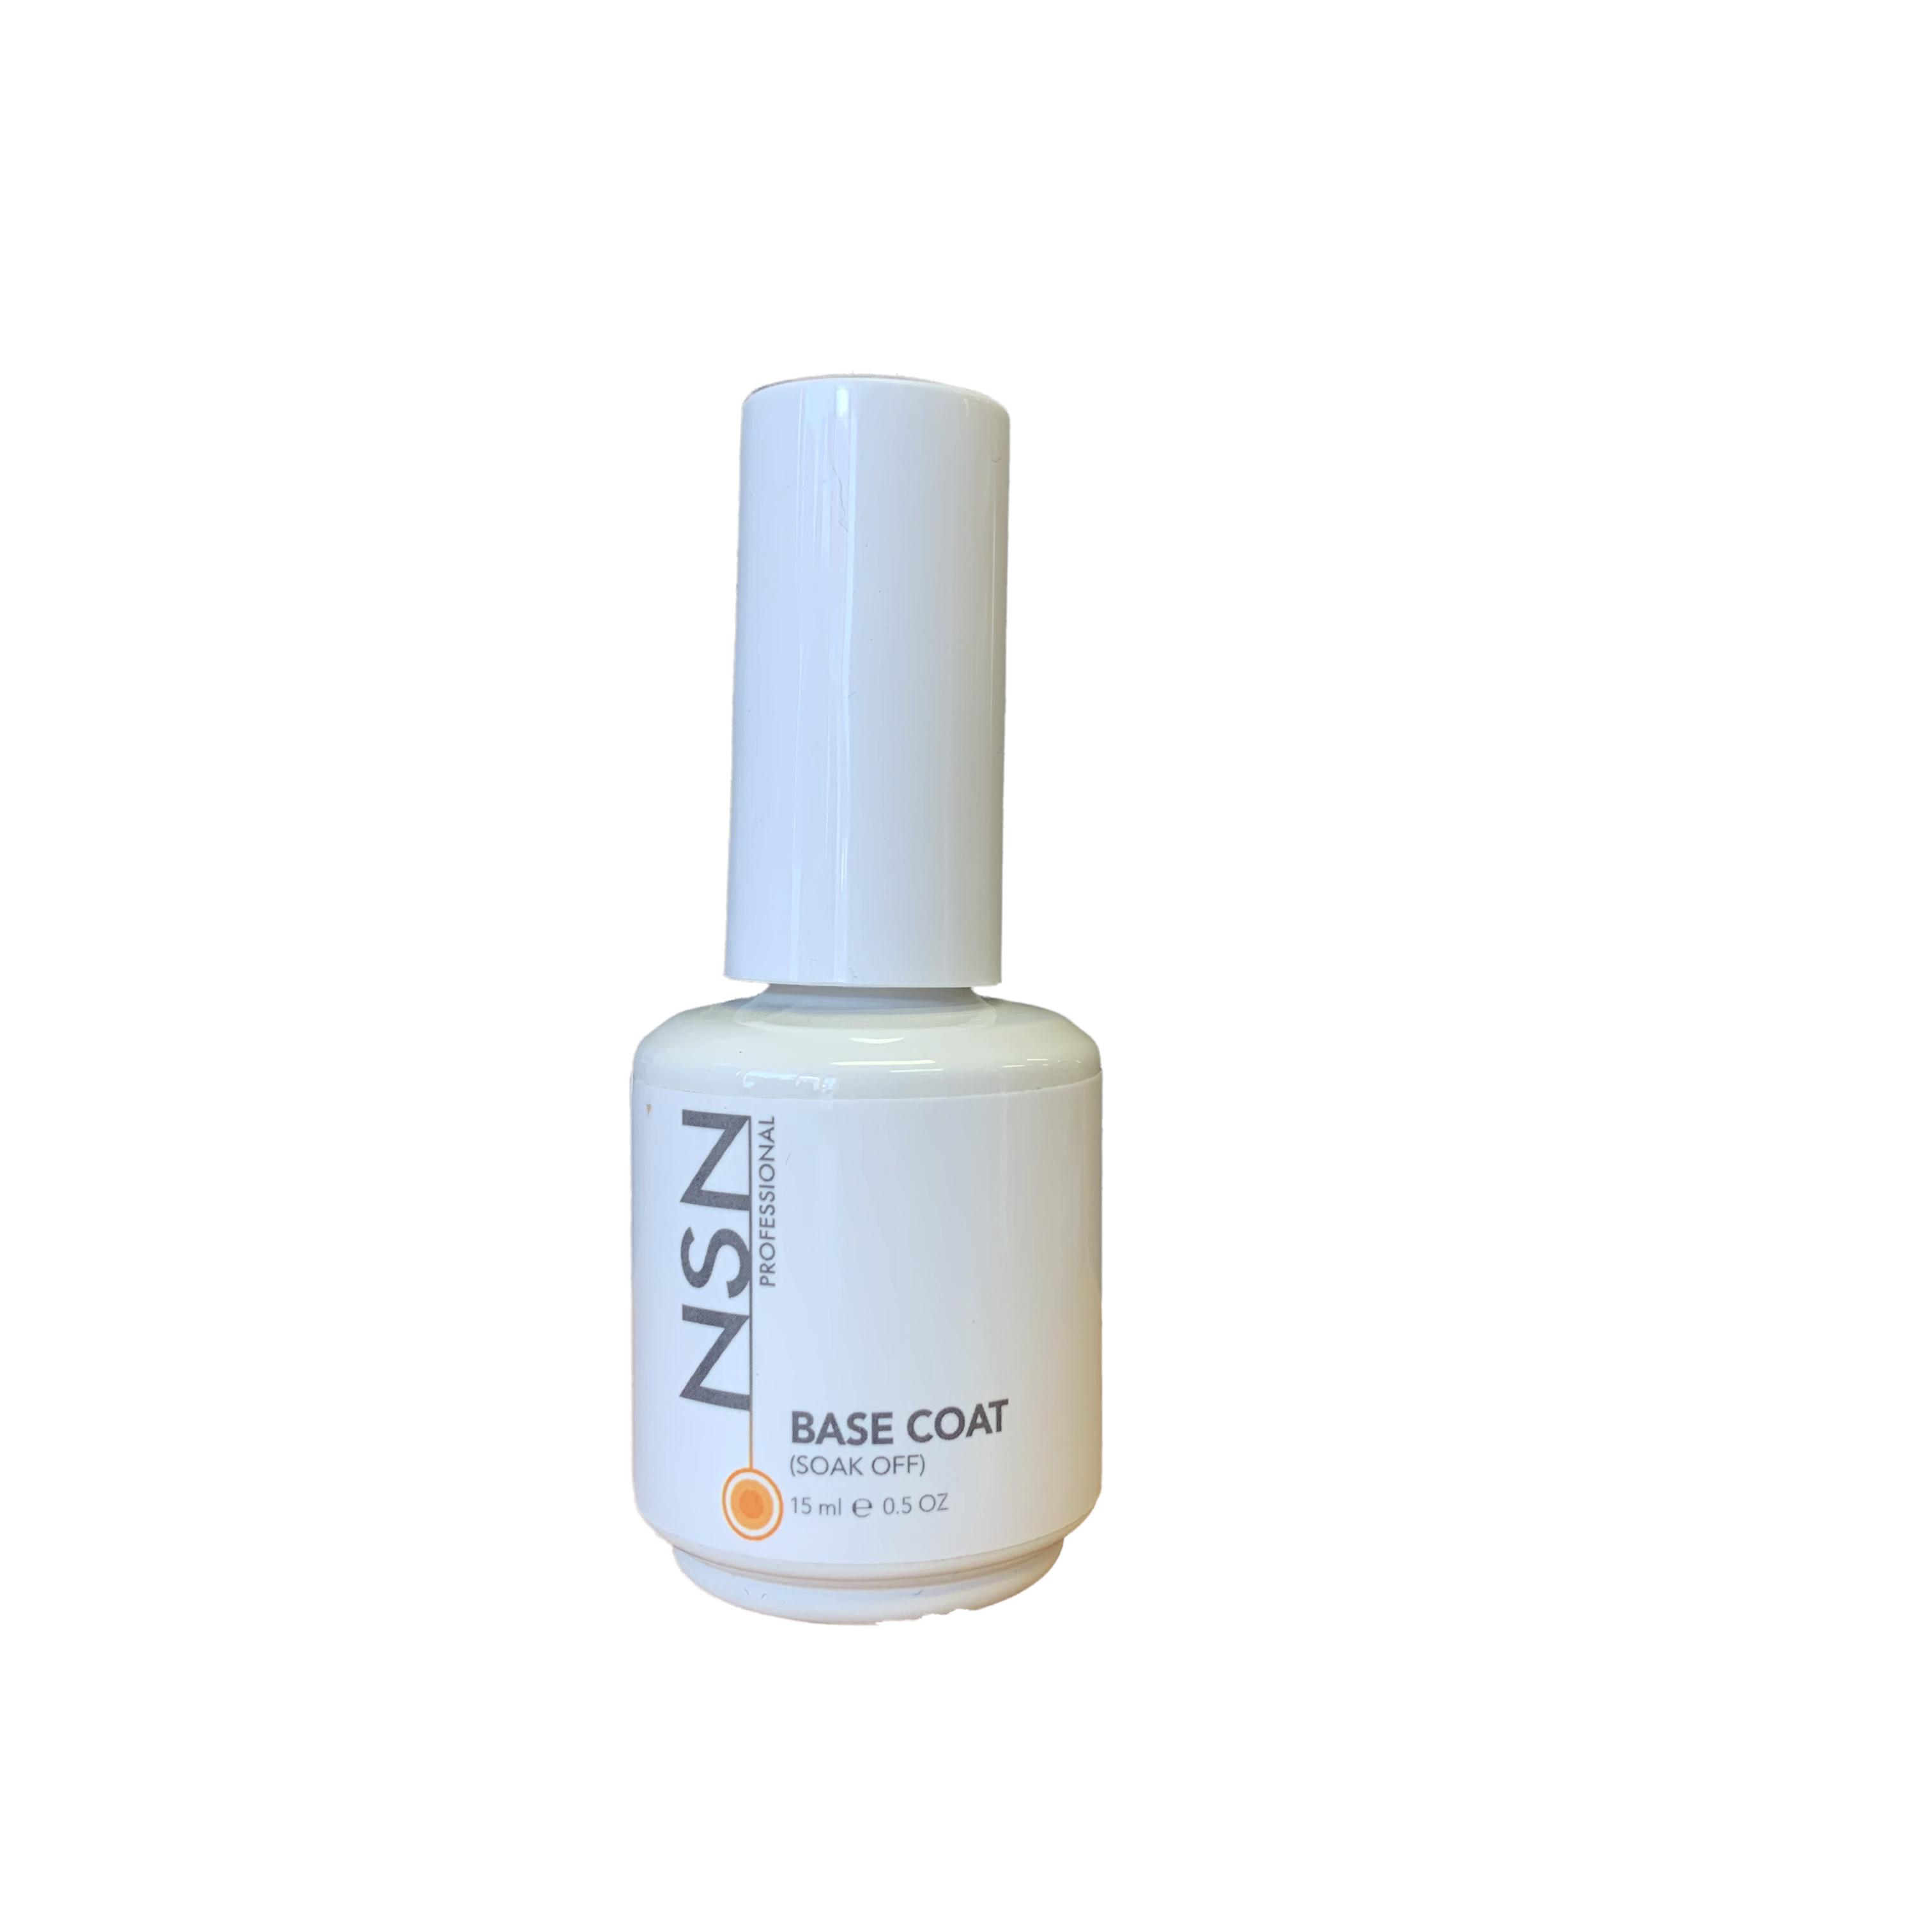 Uv Led Base Coat 15ml Nsncosmetics Cz